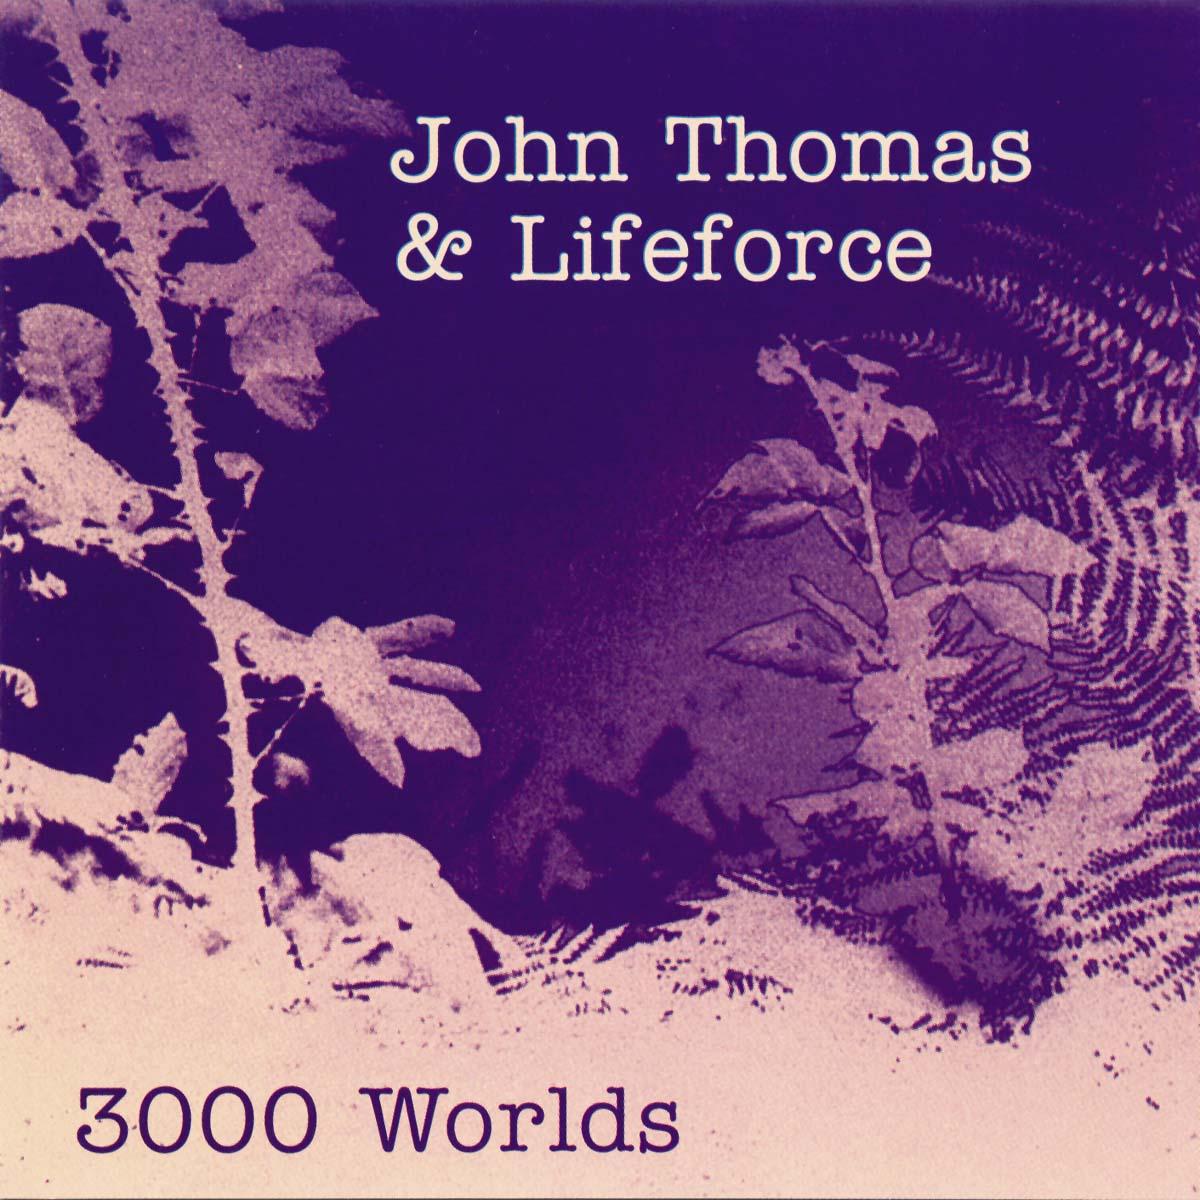 John Thomas & Lifeforce